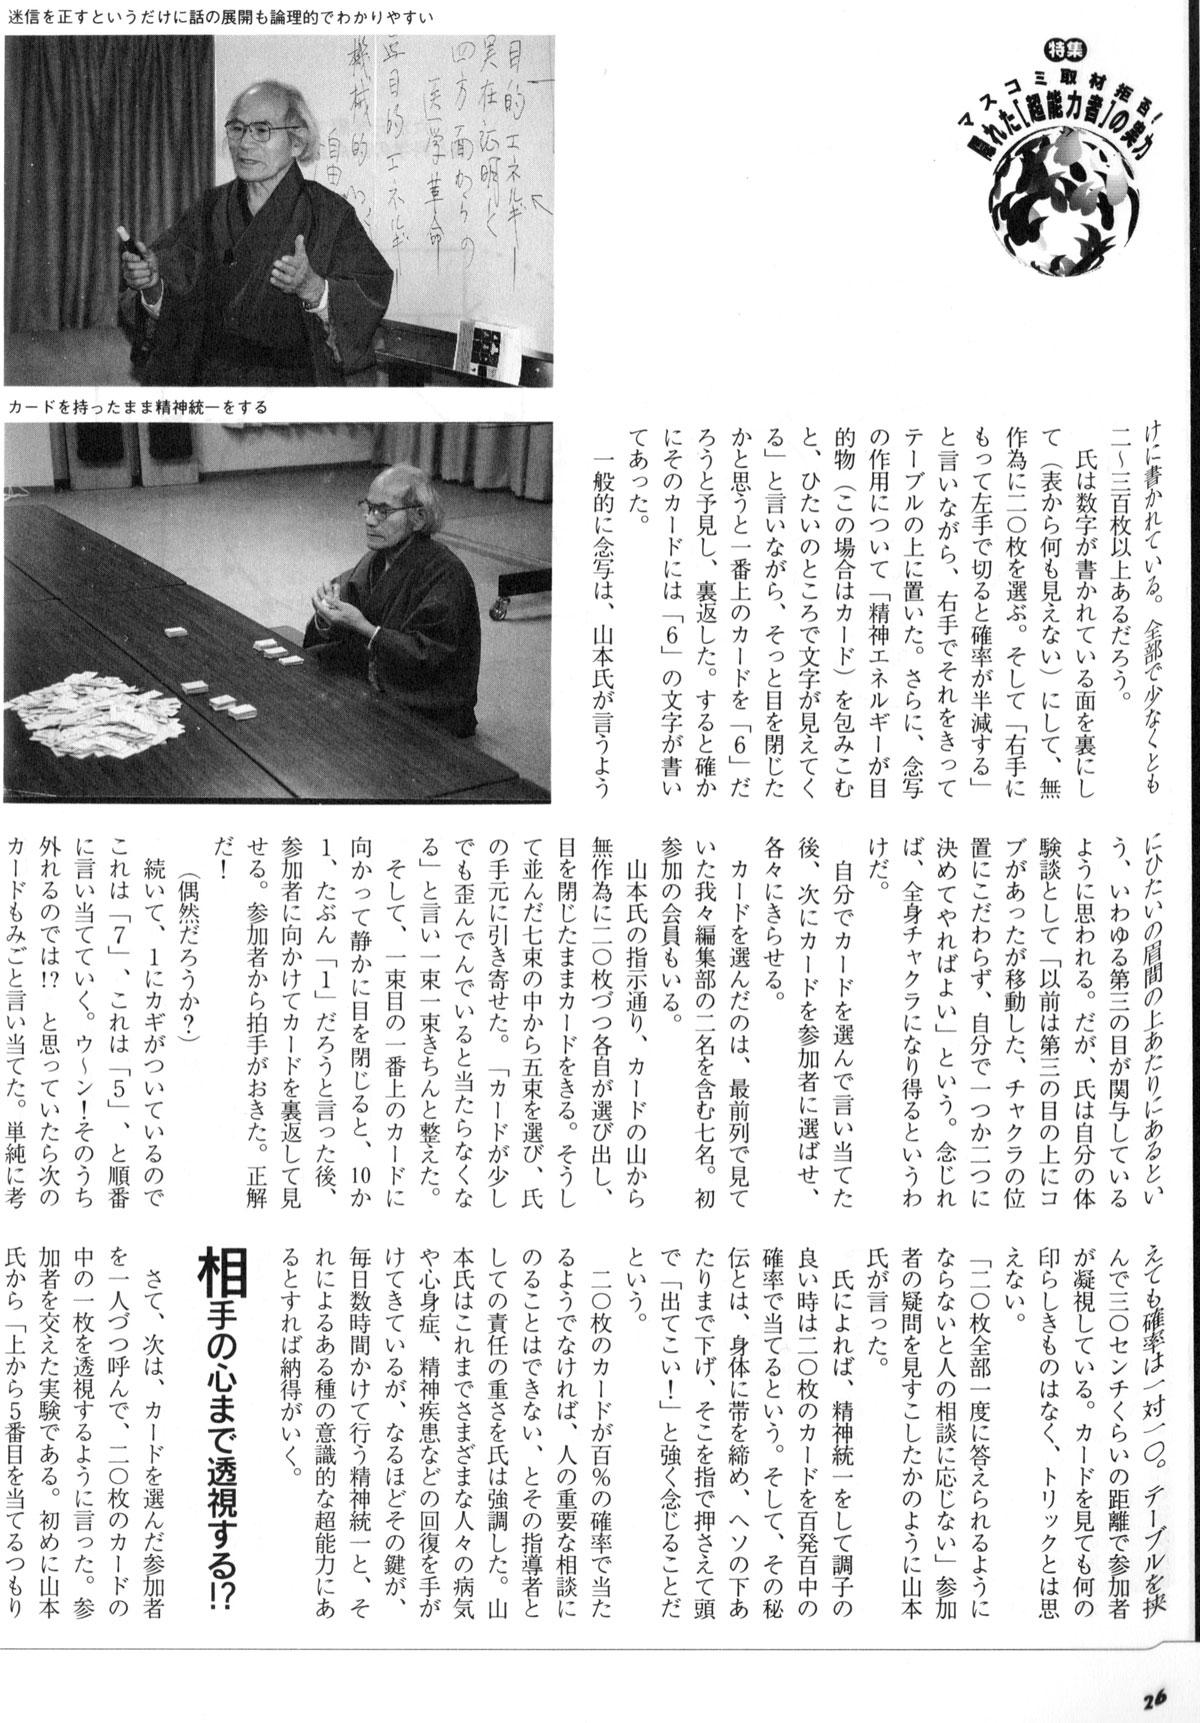 山本健造博士の透視4